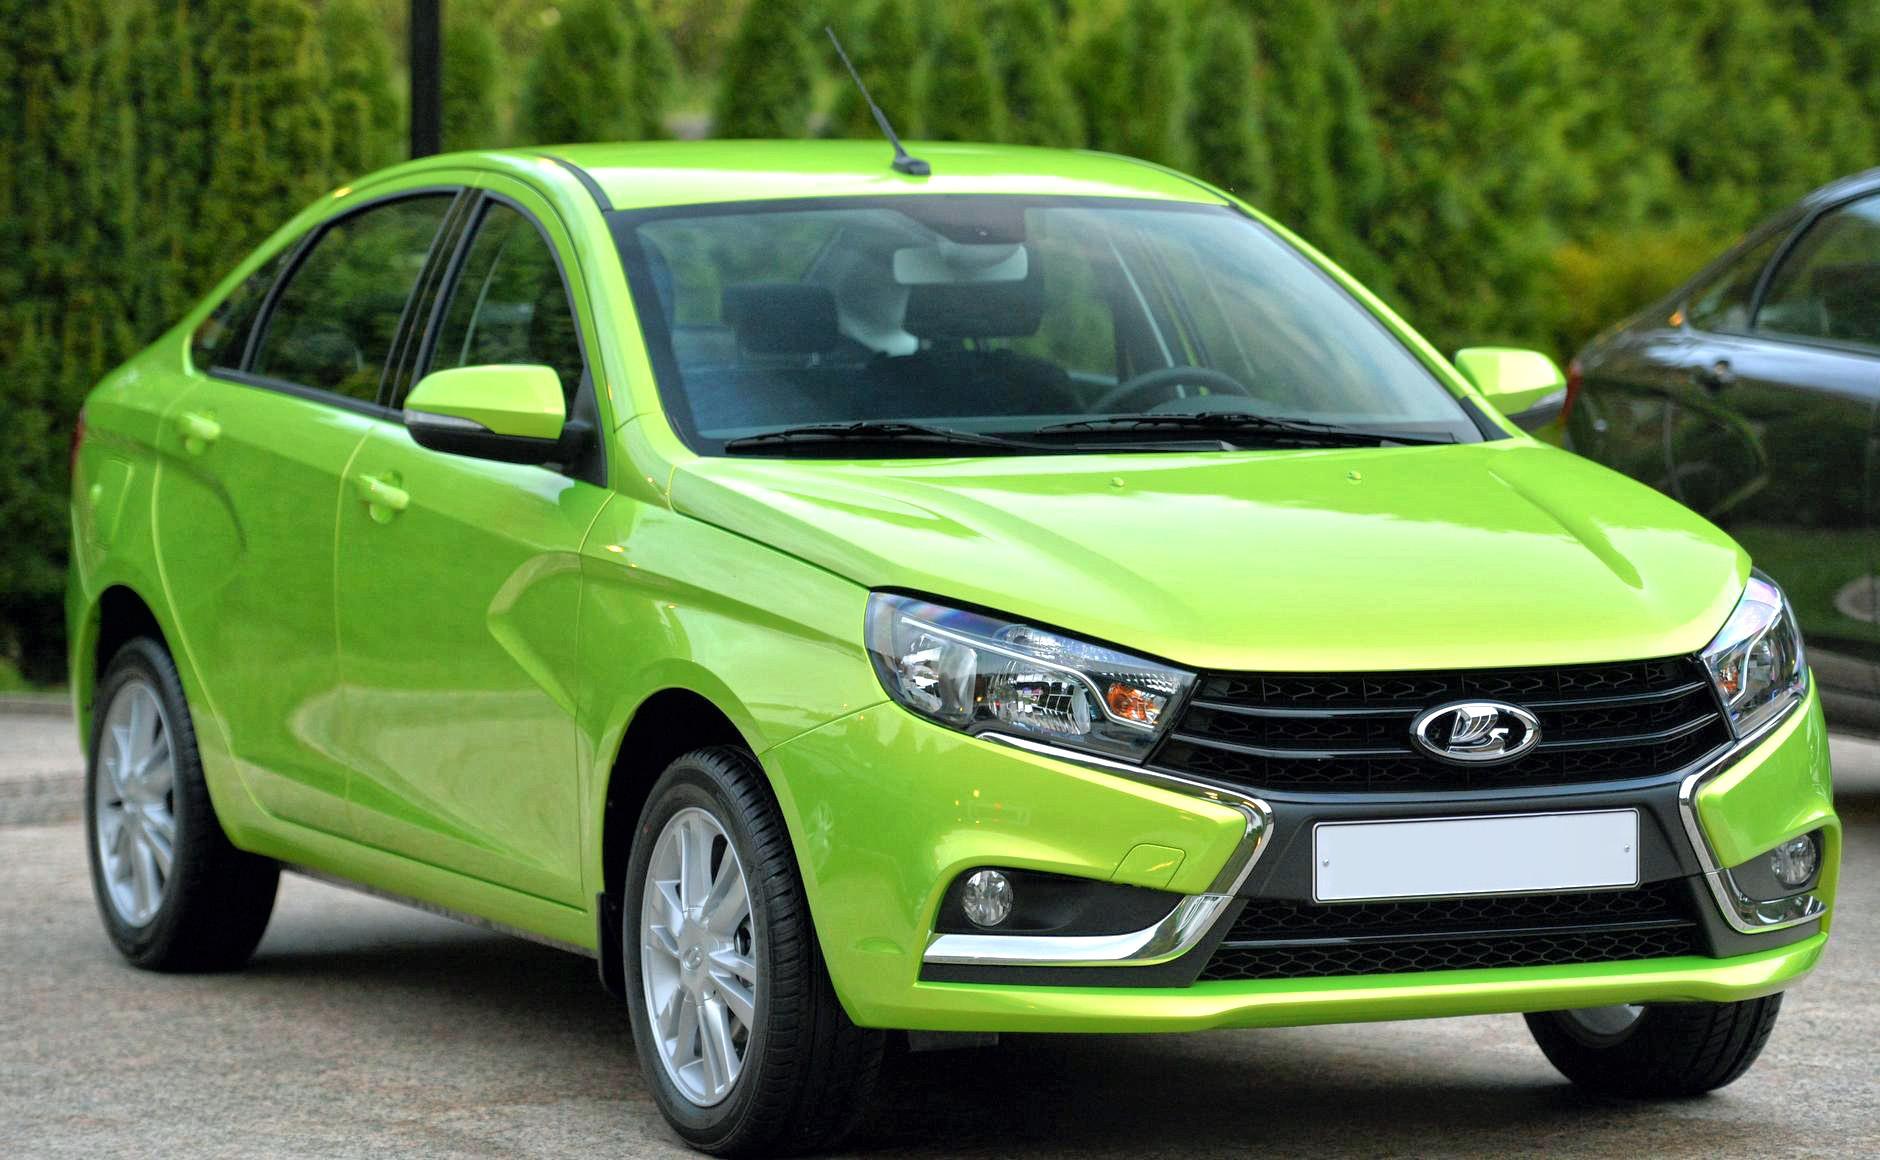 АвтоВАЗ назвал условие, при котором цены на Lada могут вырасти